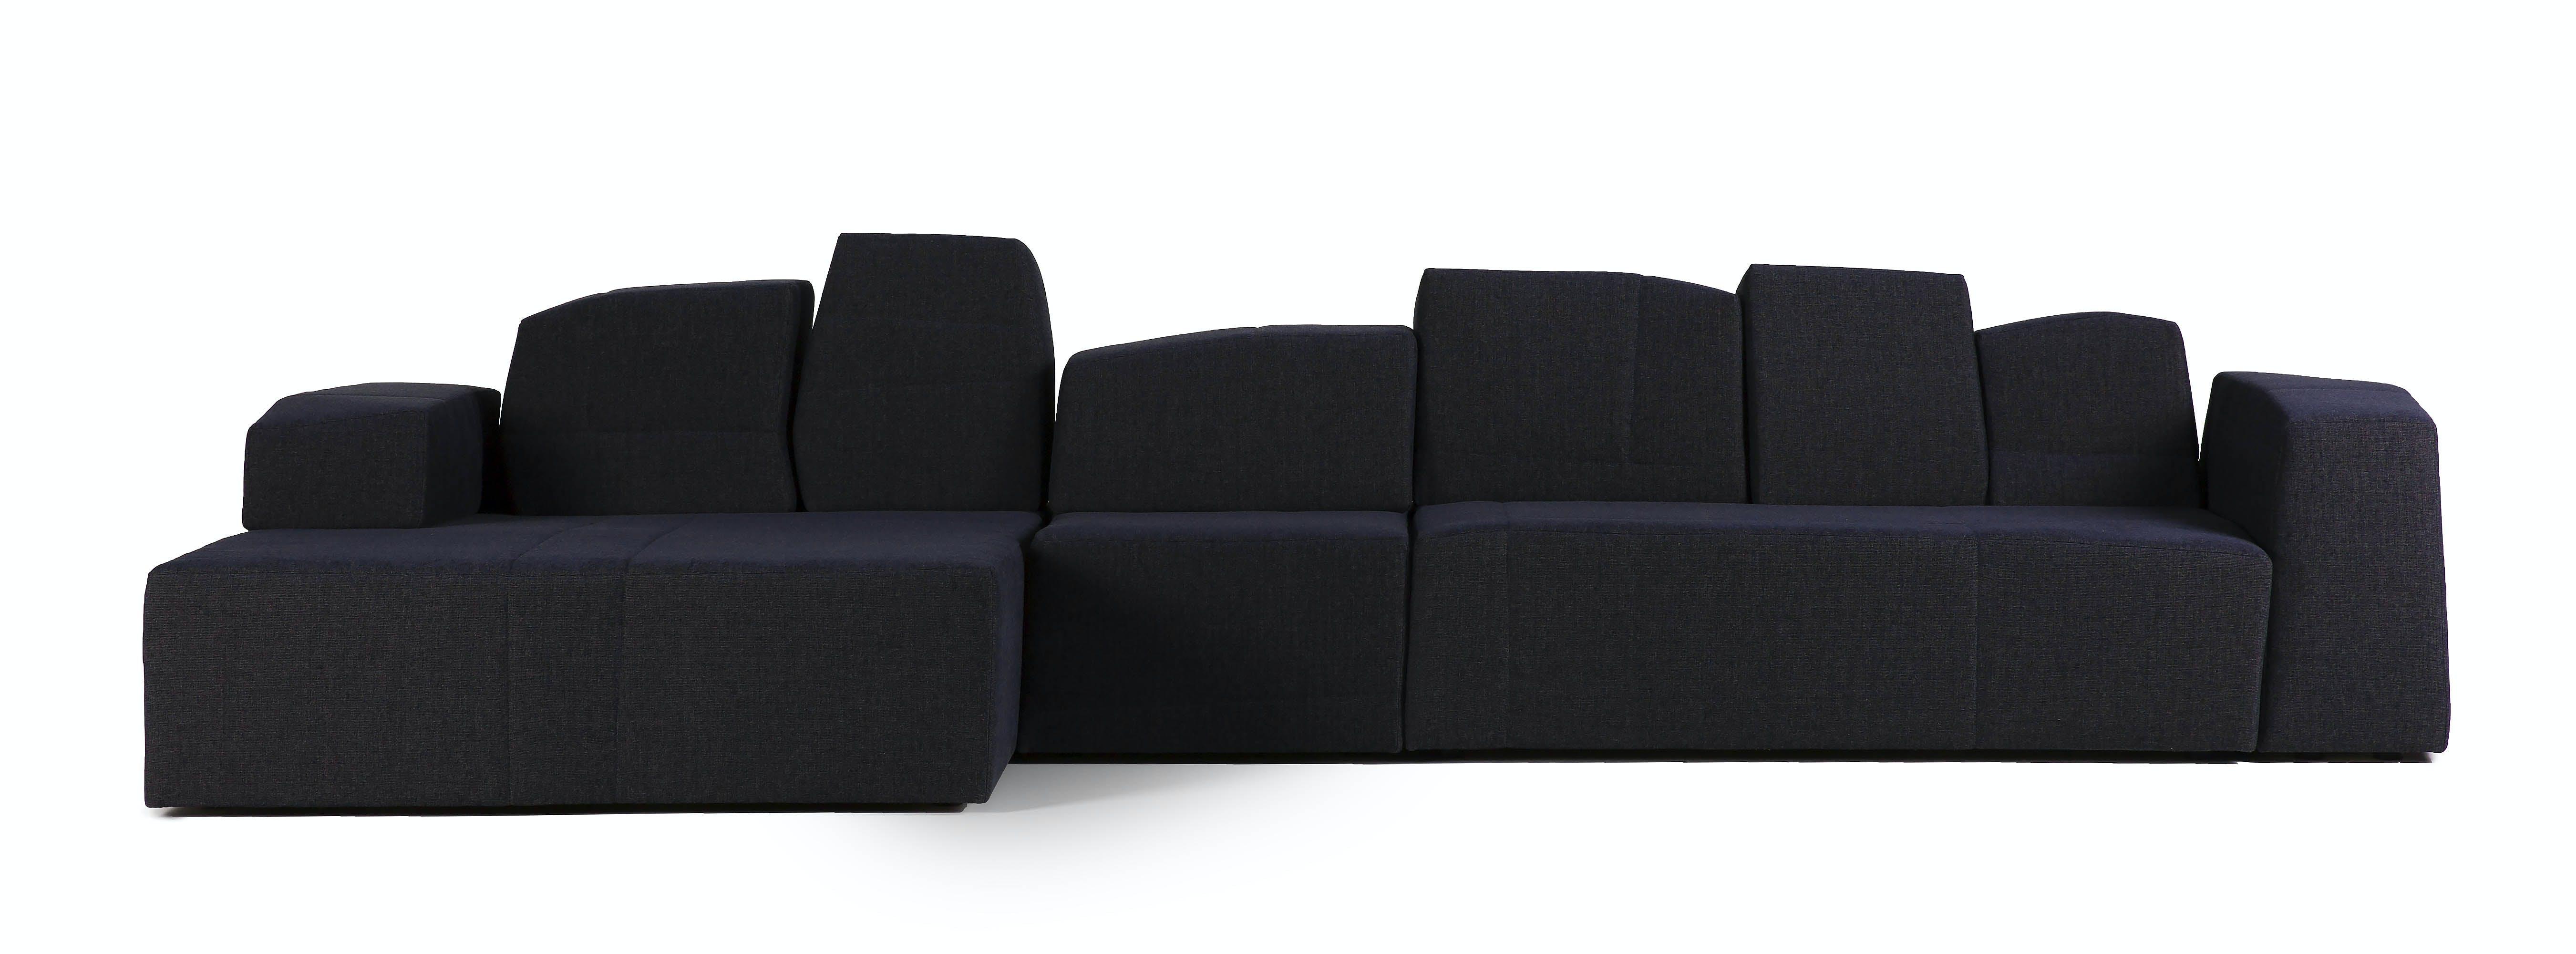 Something Like This Sofa Final